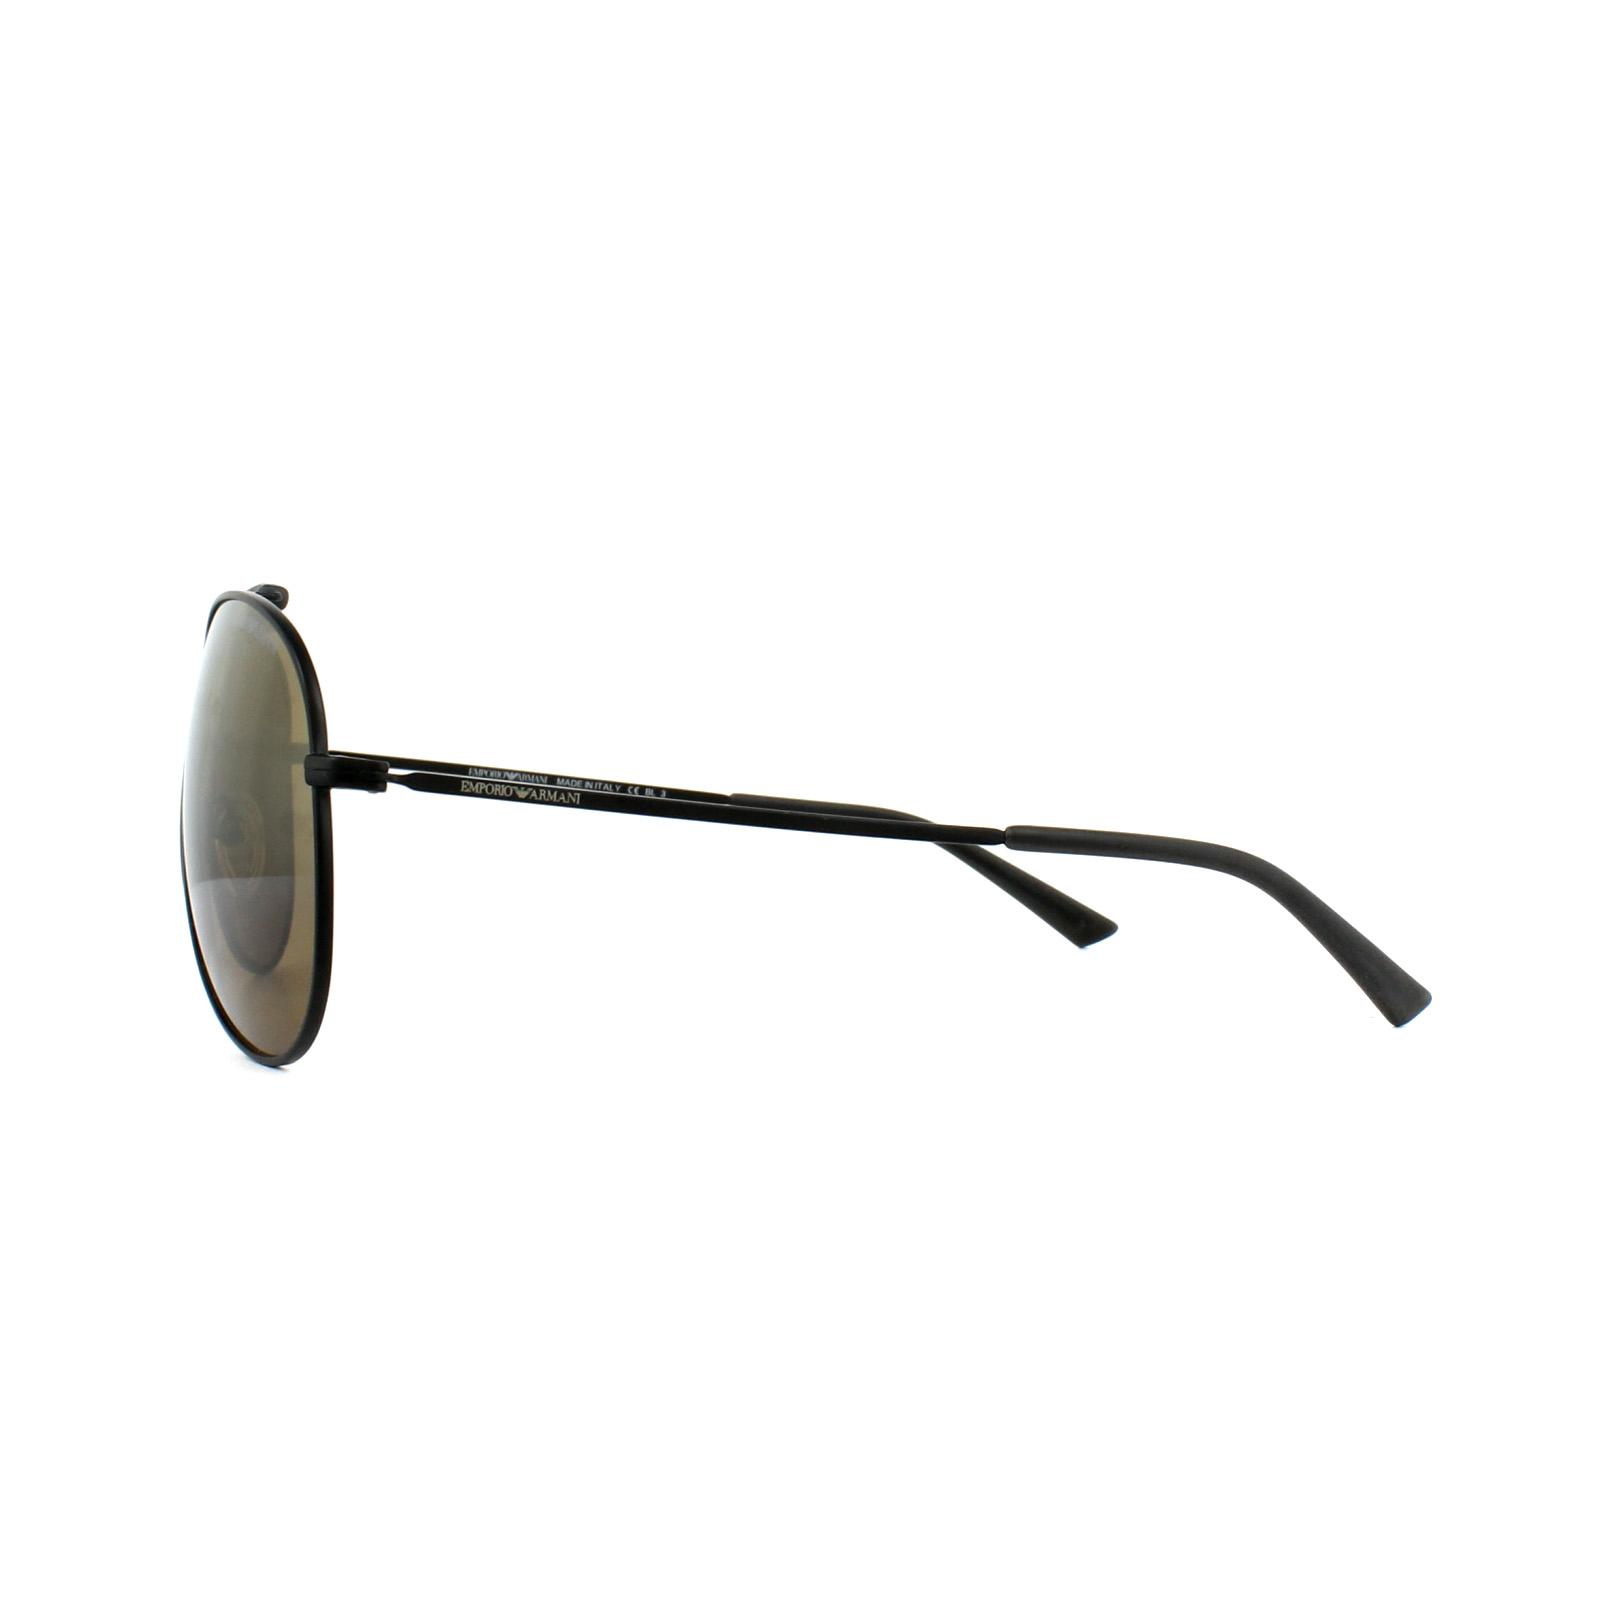 ef80fe846a48 Sentinel Emporio Armani Sunglasses 9807 003 W8 Matt Black Silver Gradient